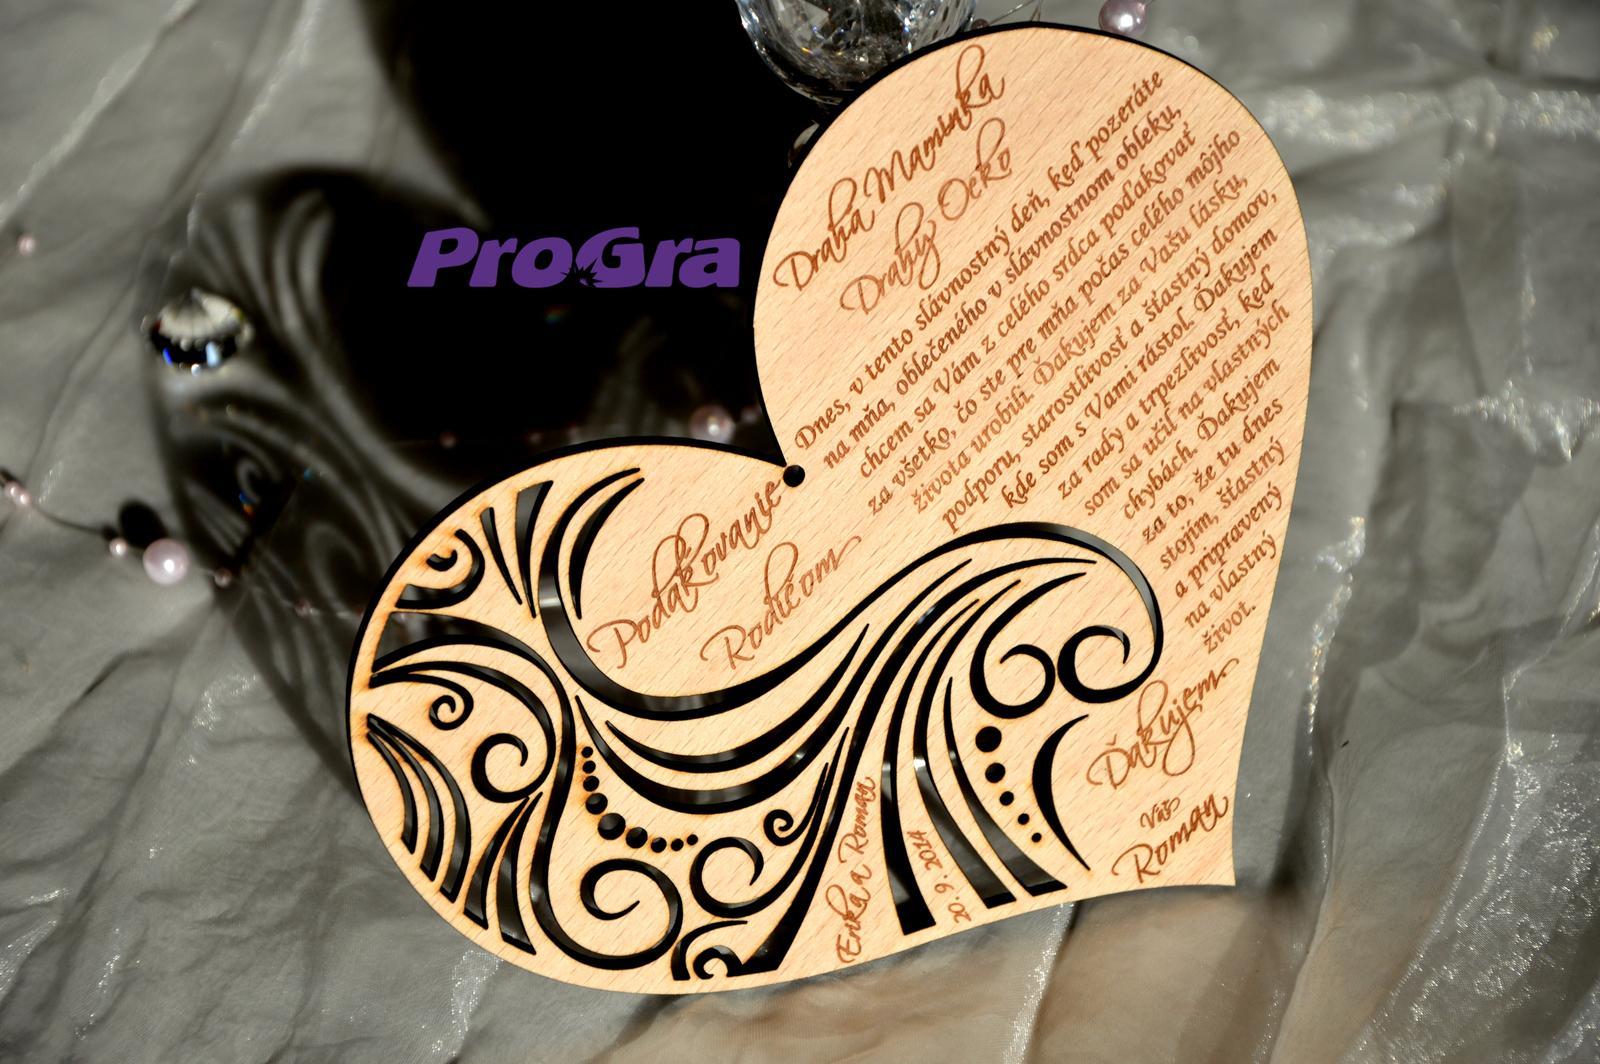 Poďakovanie rodičom - nájdete už aj v našom e-shope www.progra.sk